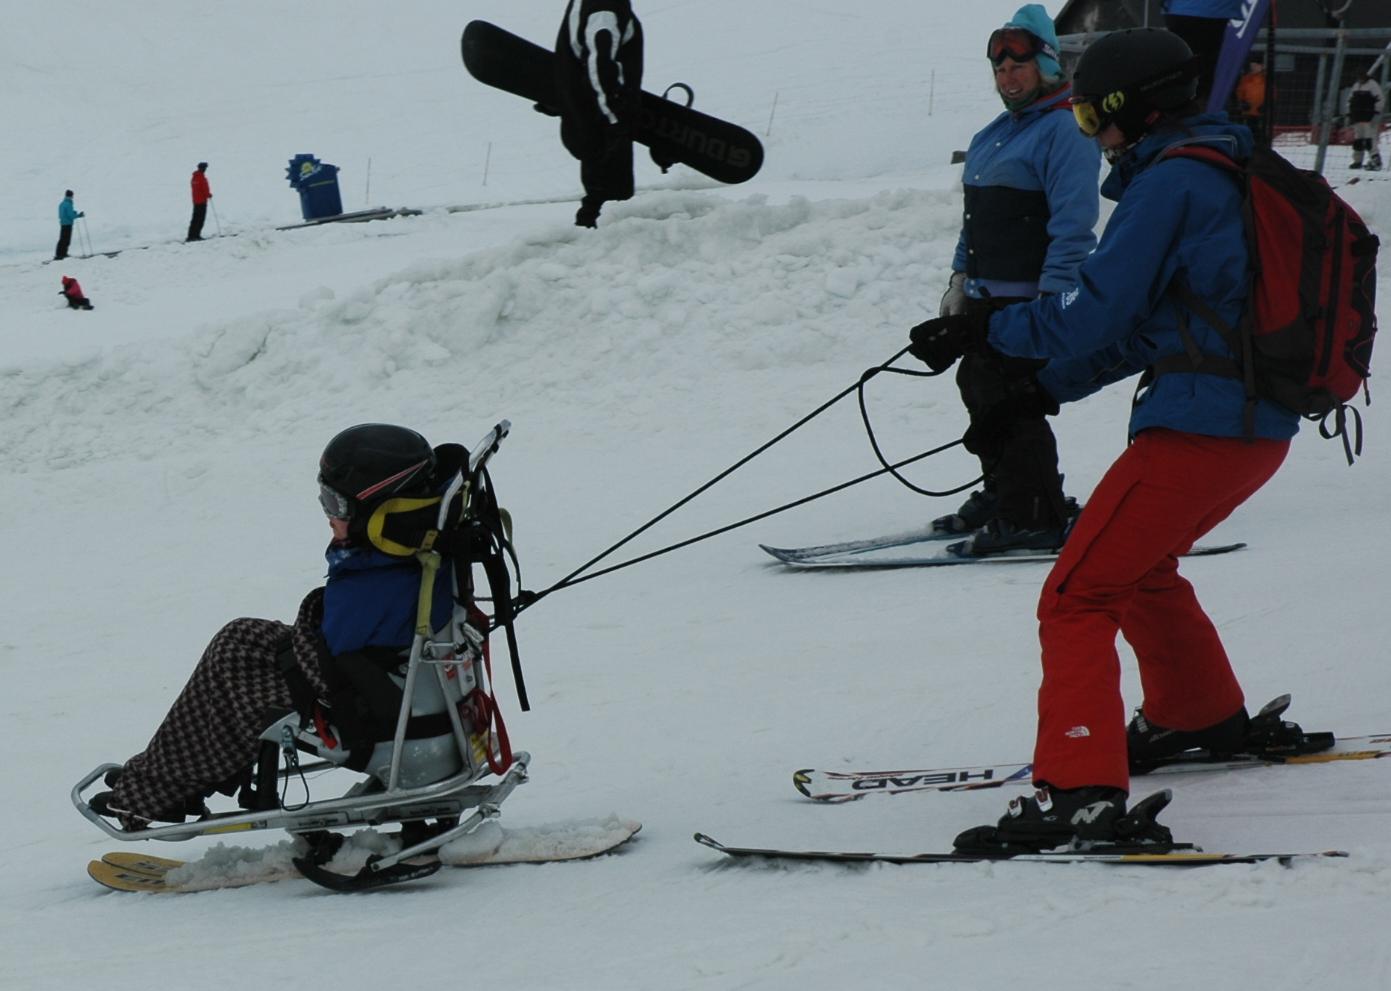 Snow Sports NZ Bi ski